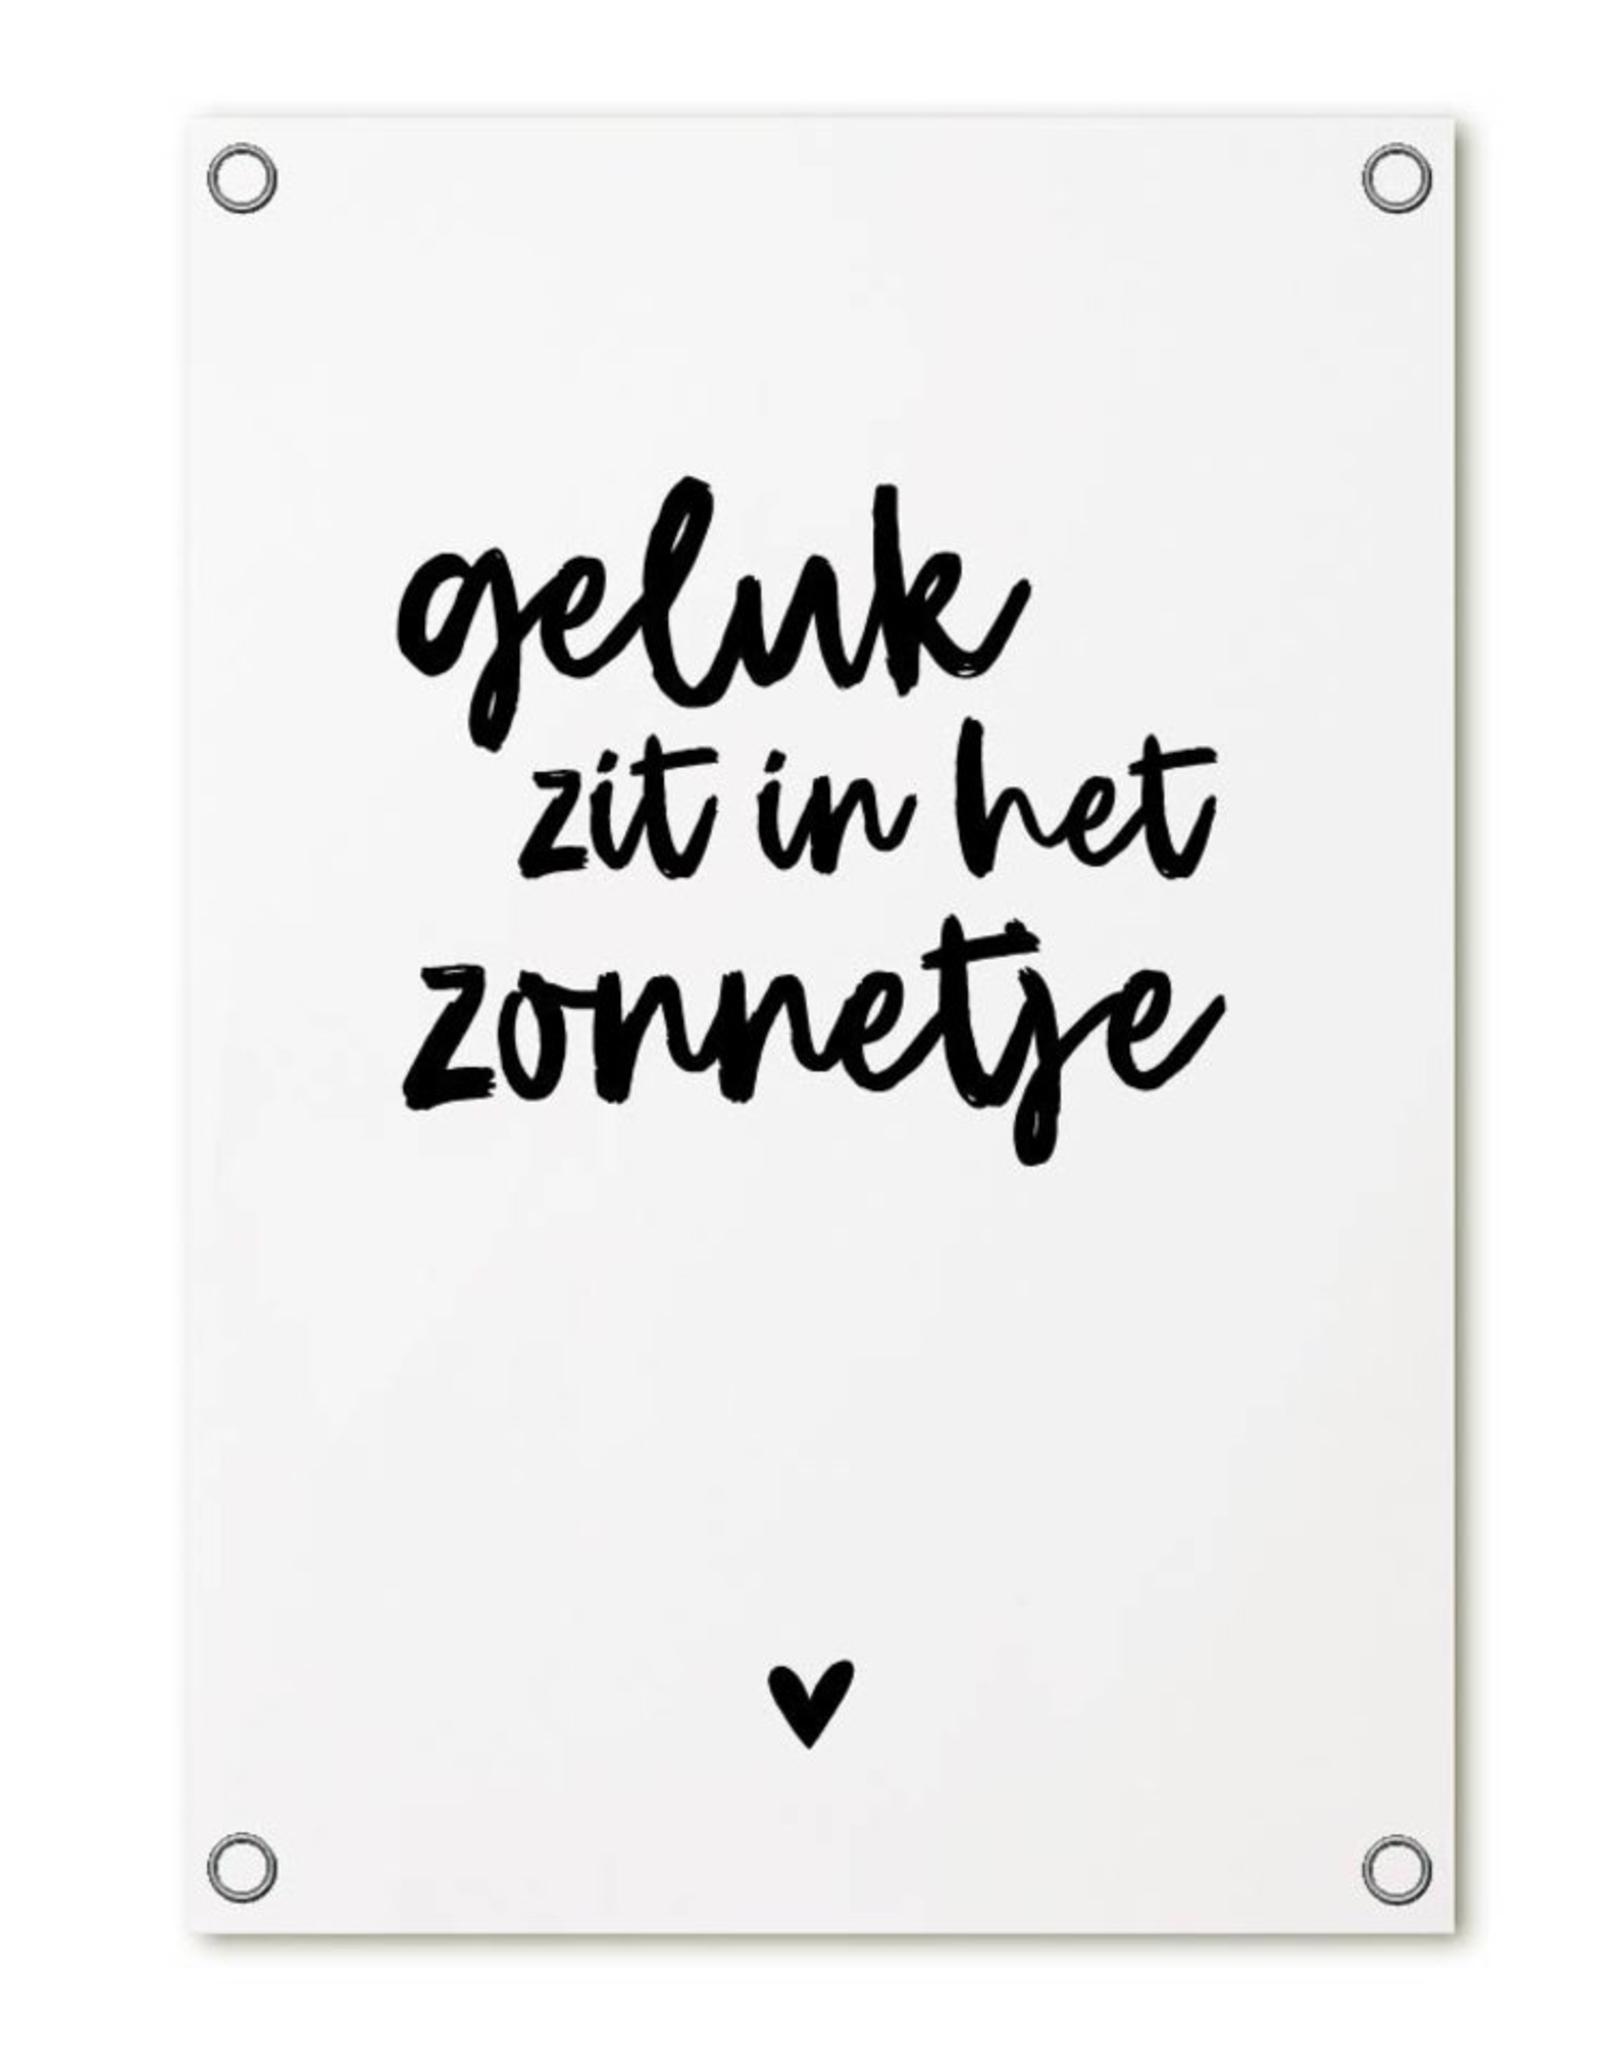 Zoedt Tuinposter met tekst 'Geluk zit in het zonnetje' - Zoedt